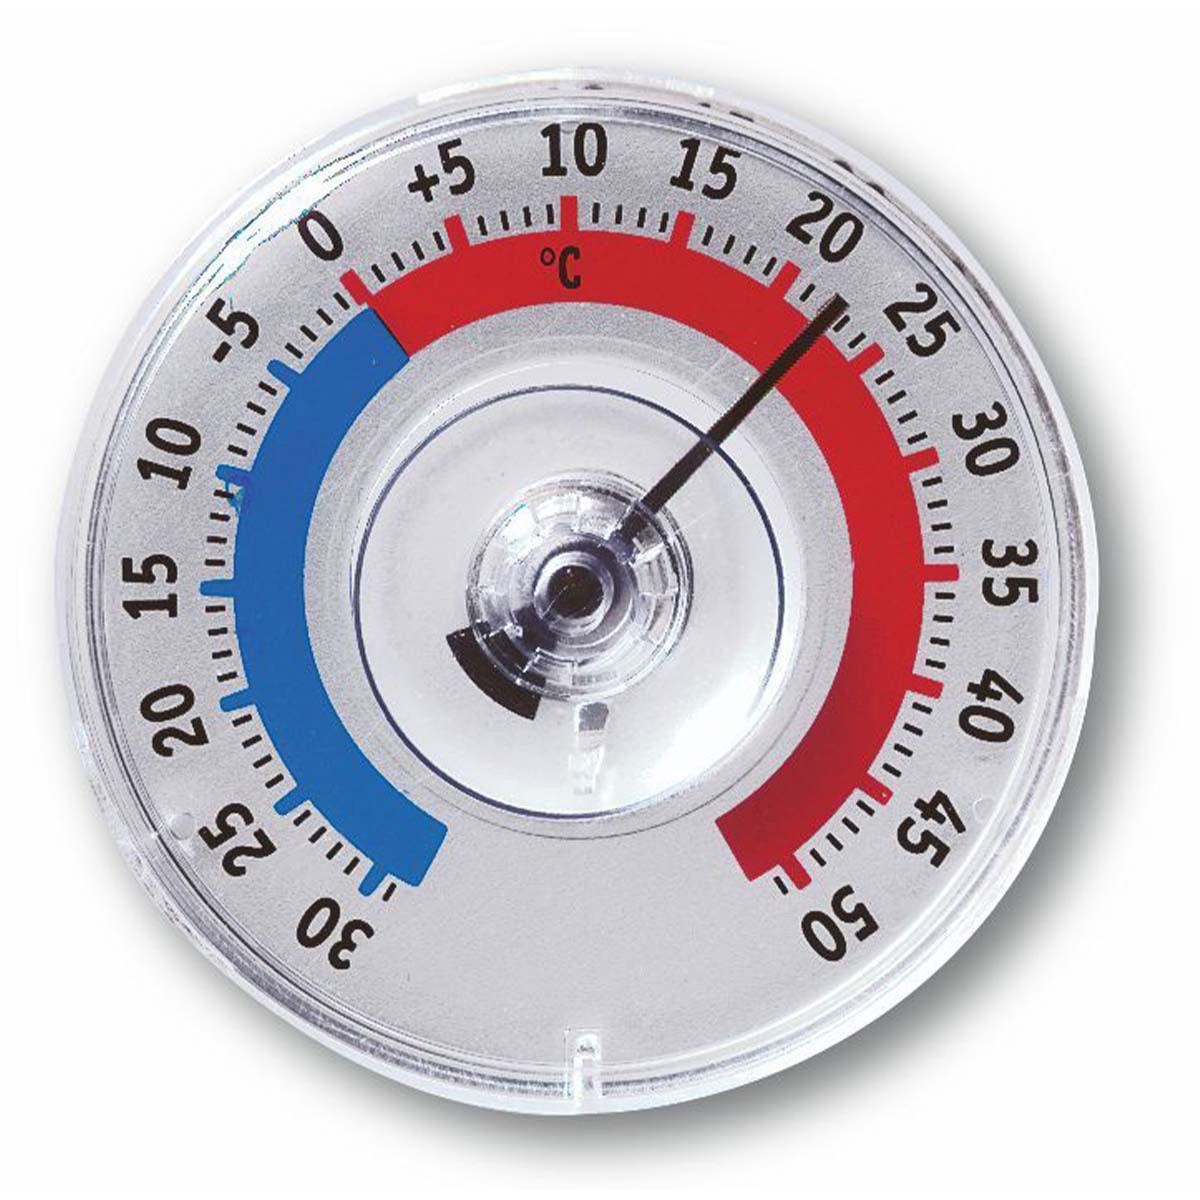 14-6009-30-analoges-fensterthermometer-twatcher-1200x1200px.jpg